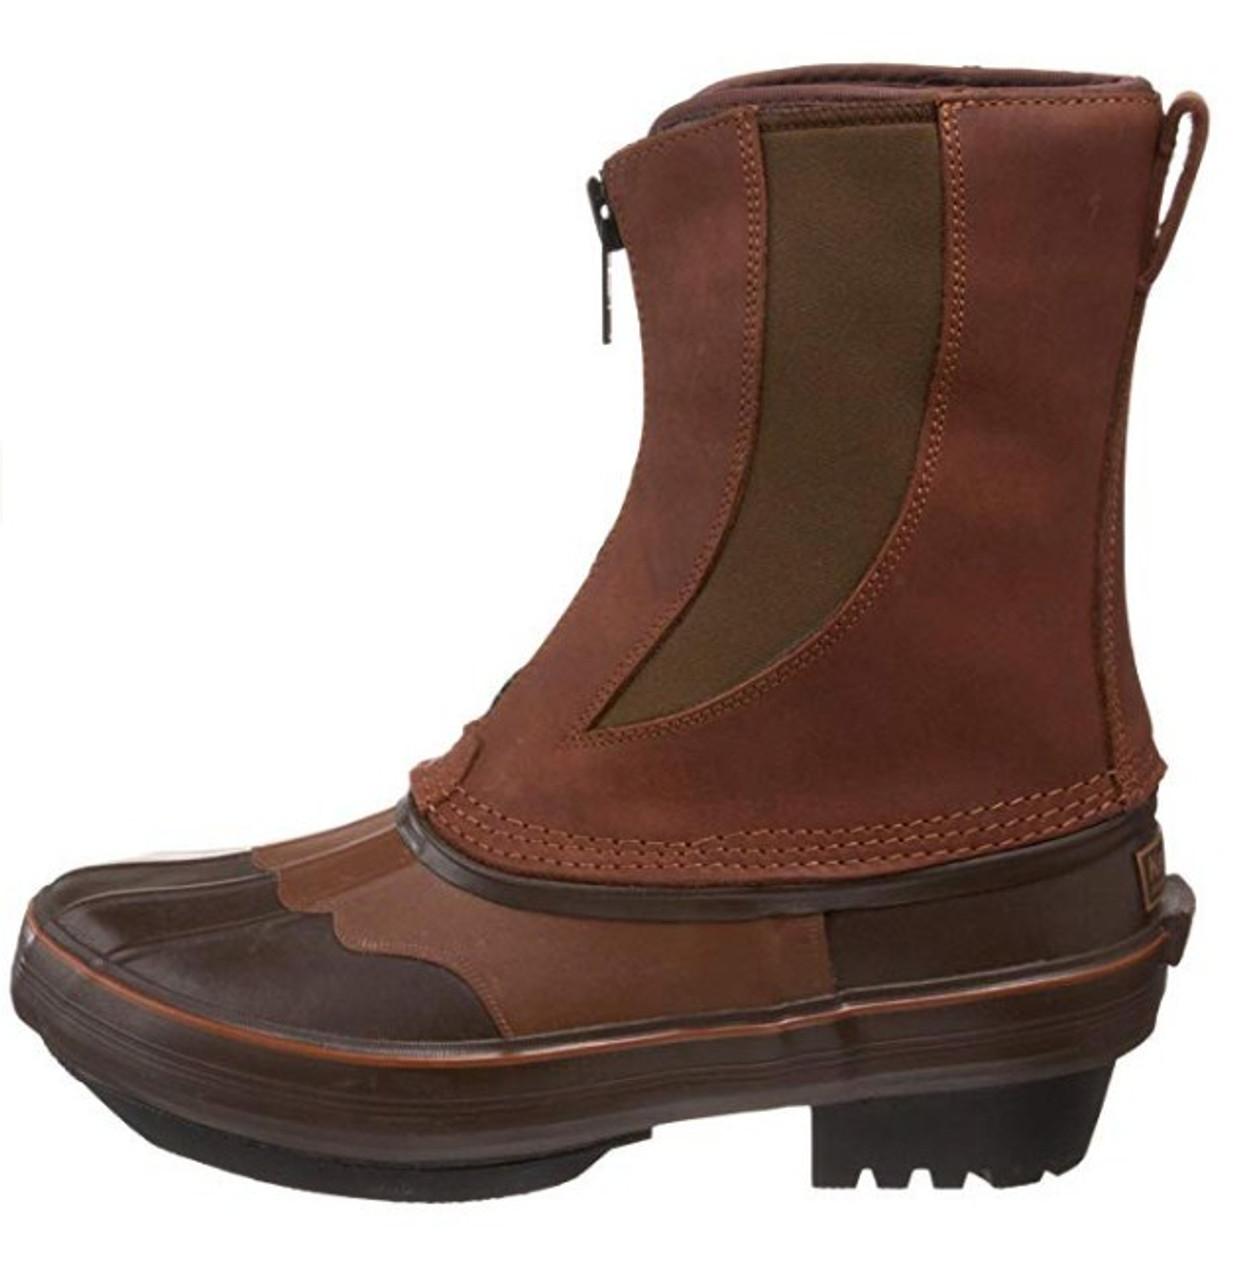 e4ebc6f9f95 KENETREK Bobcat Cowboy Zip Brown Boots (KE-SZ429-C)